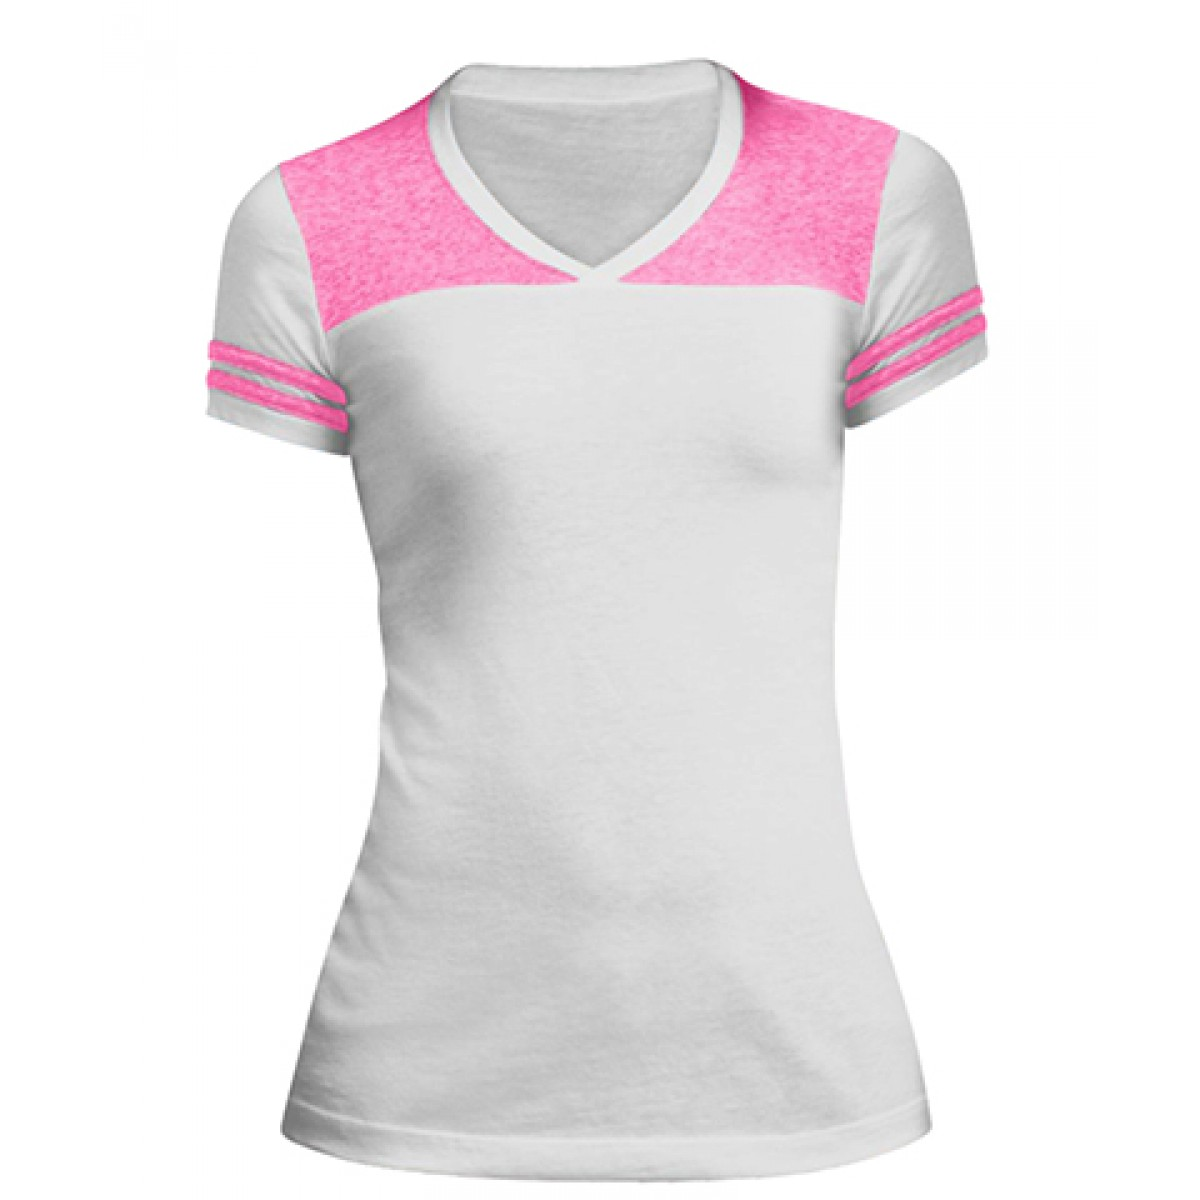 Juniors Varsity V-Neck Tee-White/Pink-L